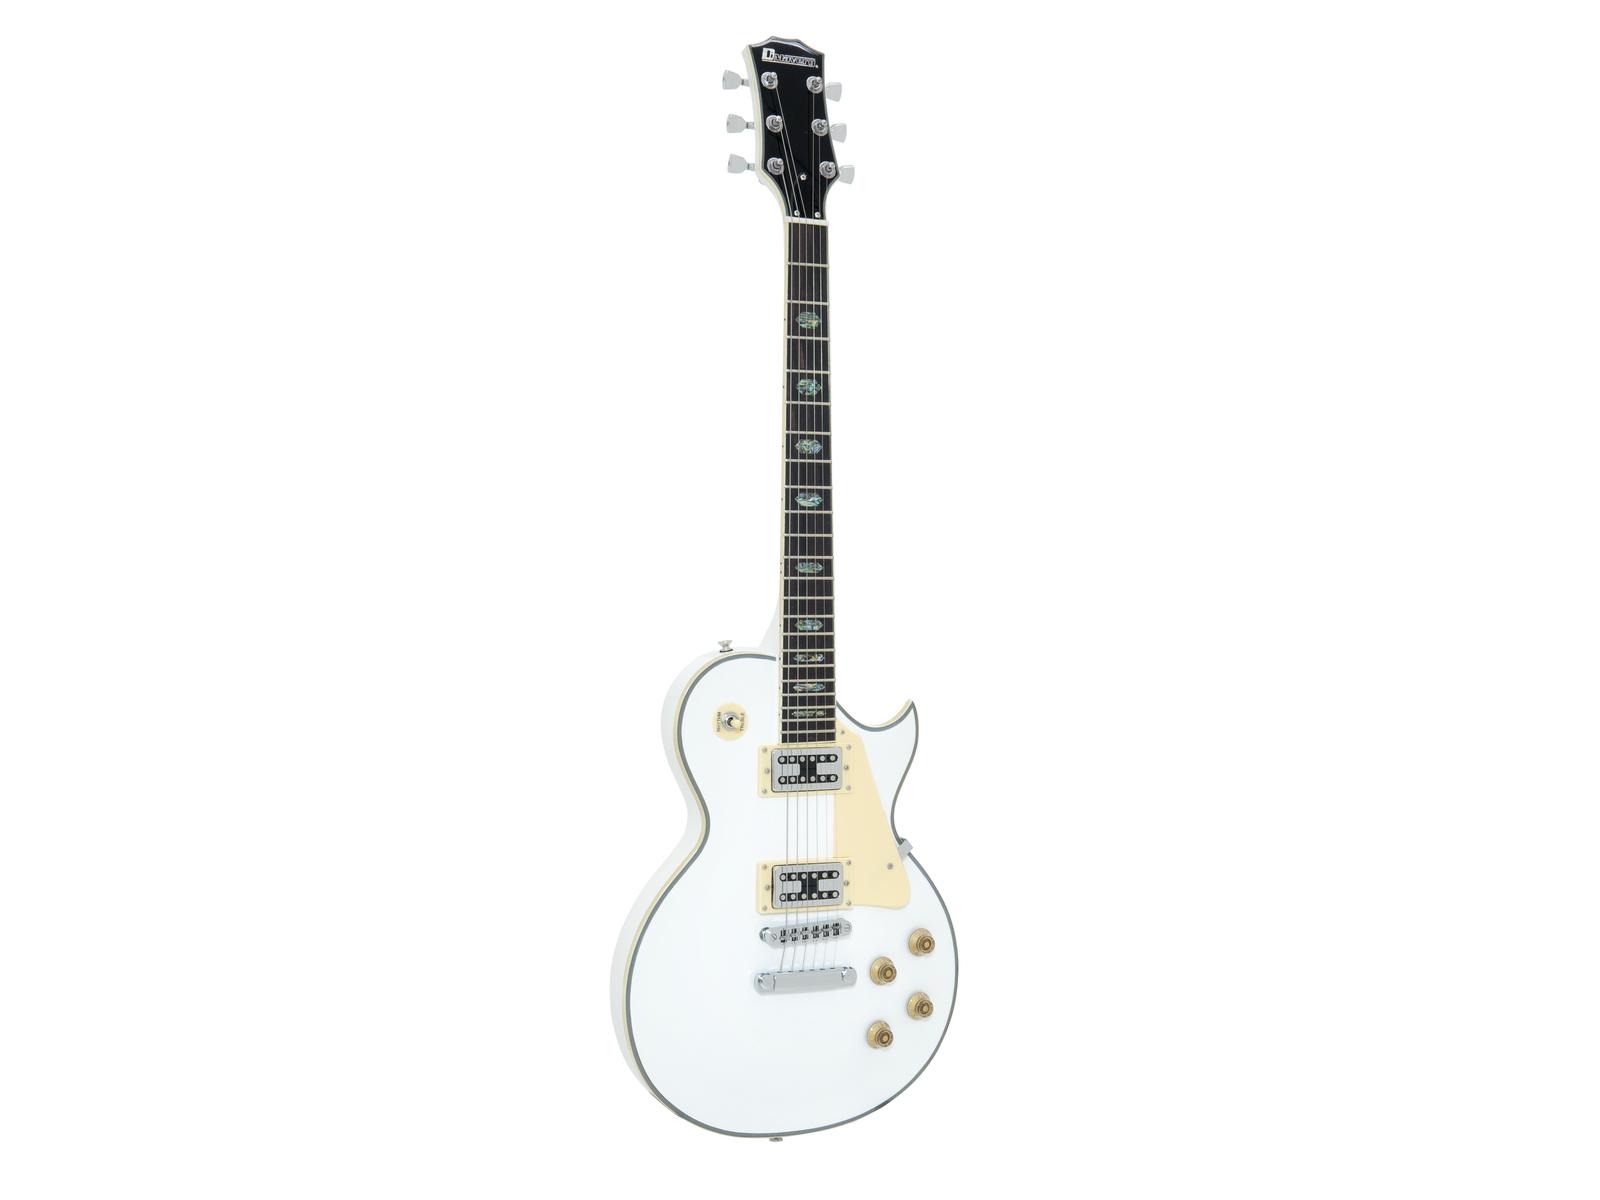 Fotografie Dimavery LP-700 elektrická kytara, bílá